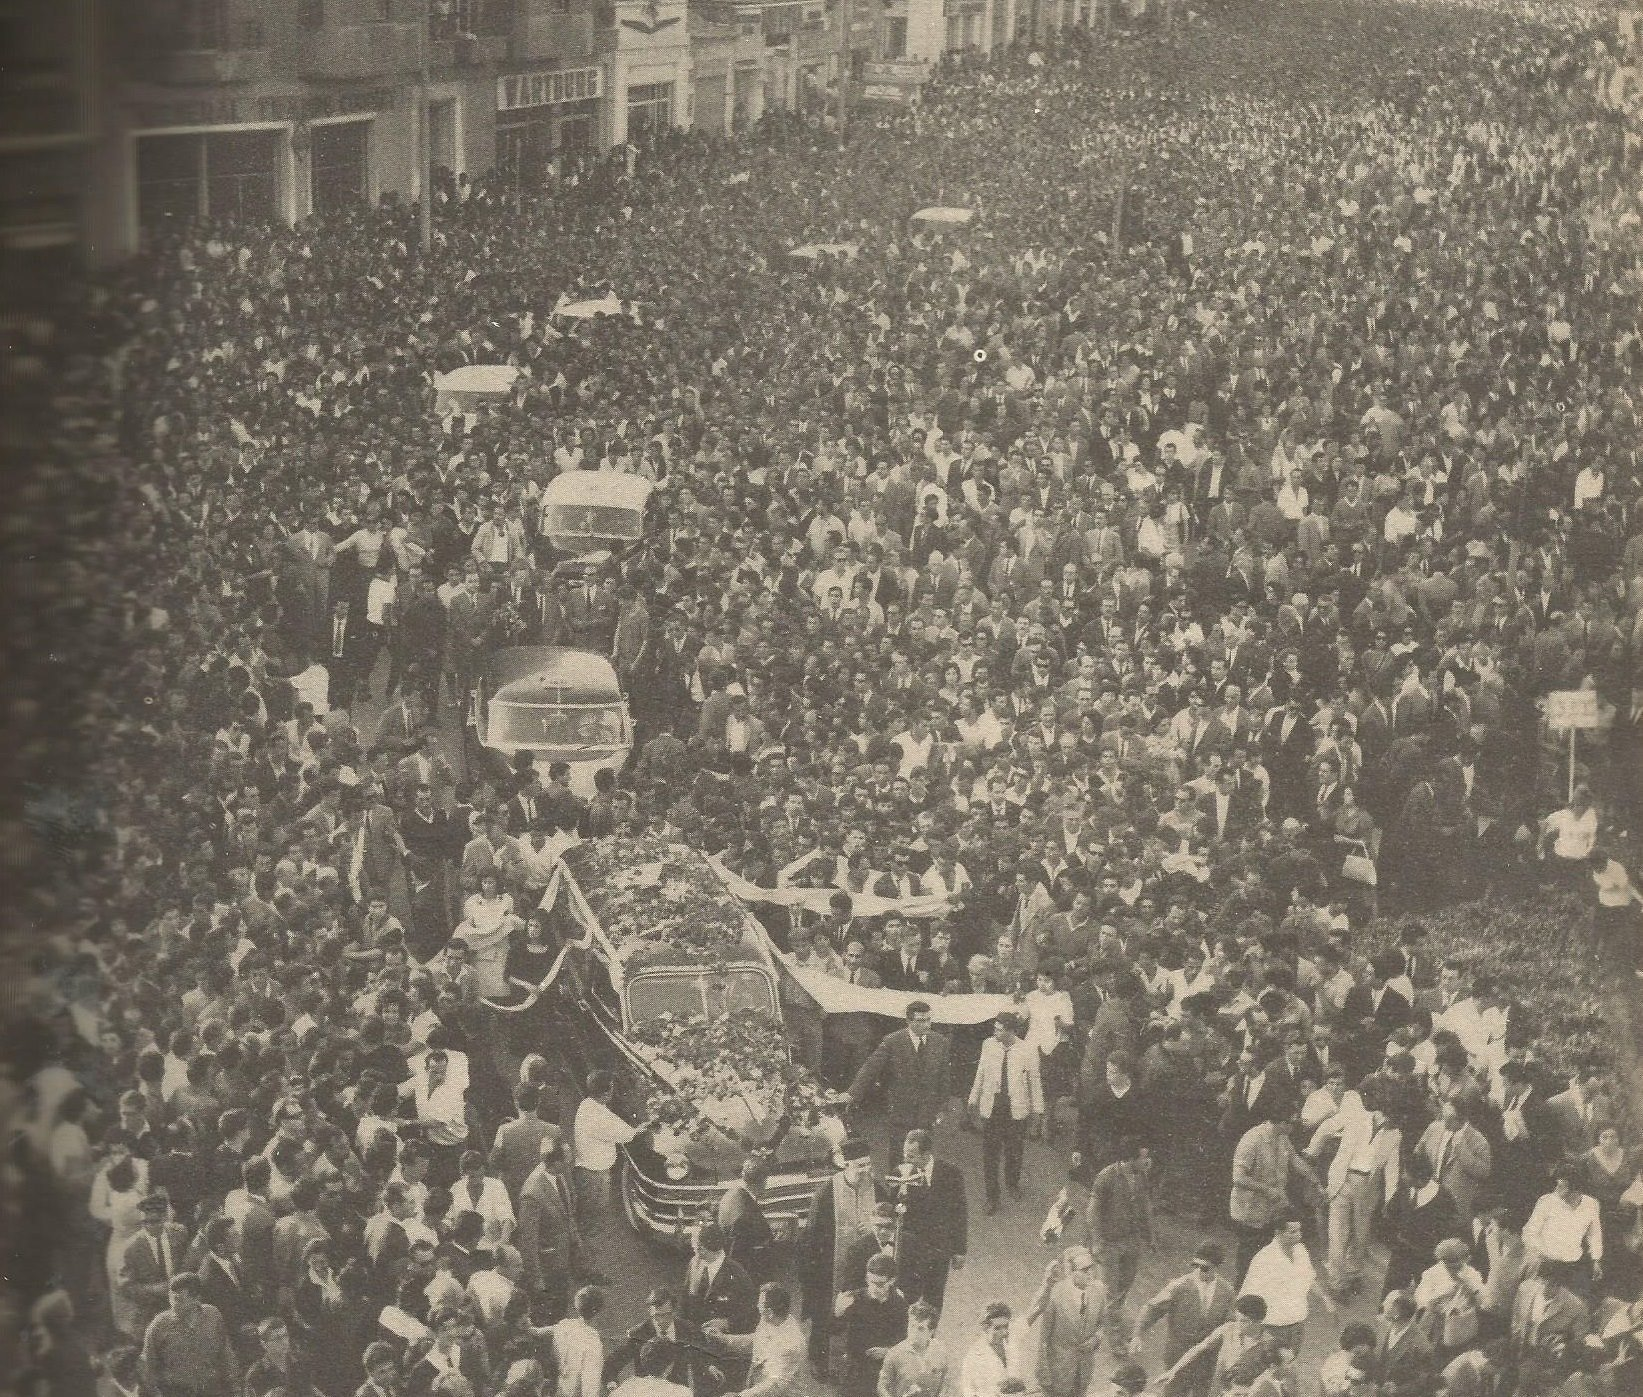 Η κηδεία του Λαμπράκη μετατράπηκε σε συλλαλητήριο.